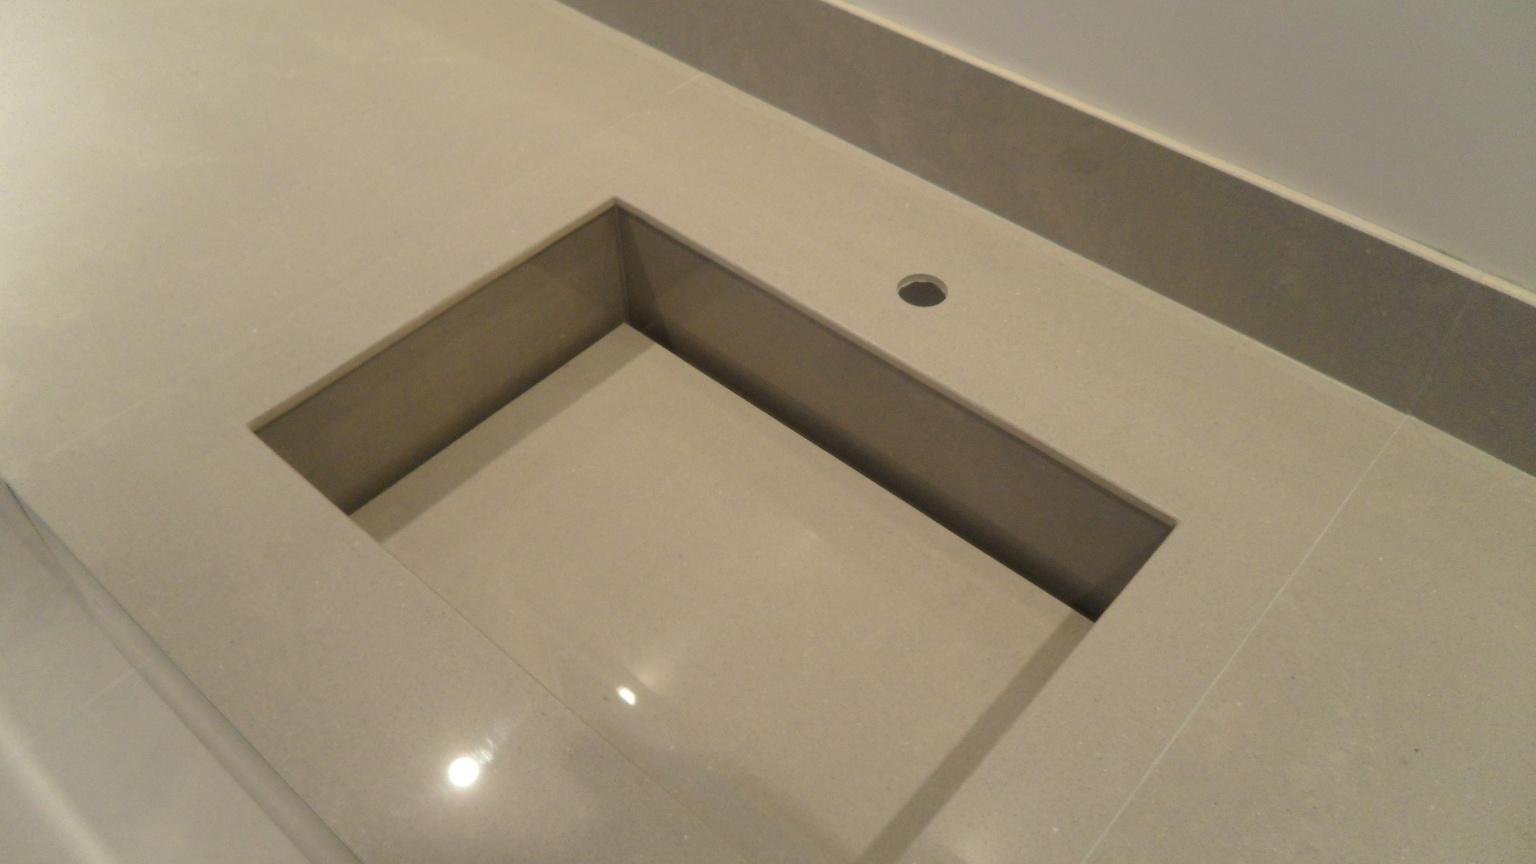 em porcelanato.: Bancada porcelanato 60 x 60 com cuba porcelanato #7D734E 1536x864 Banheiro Com Bancada De Porcelanato